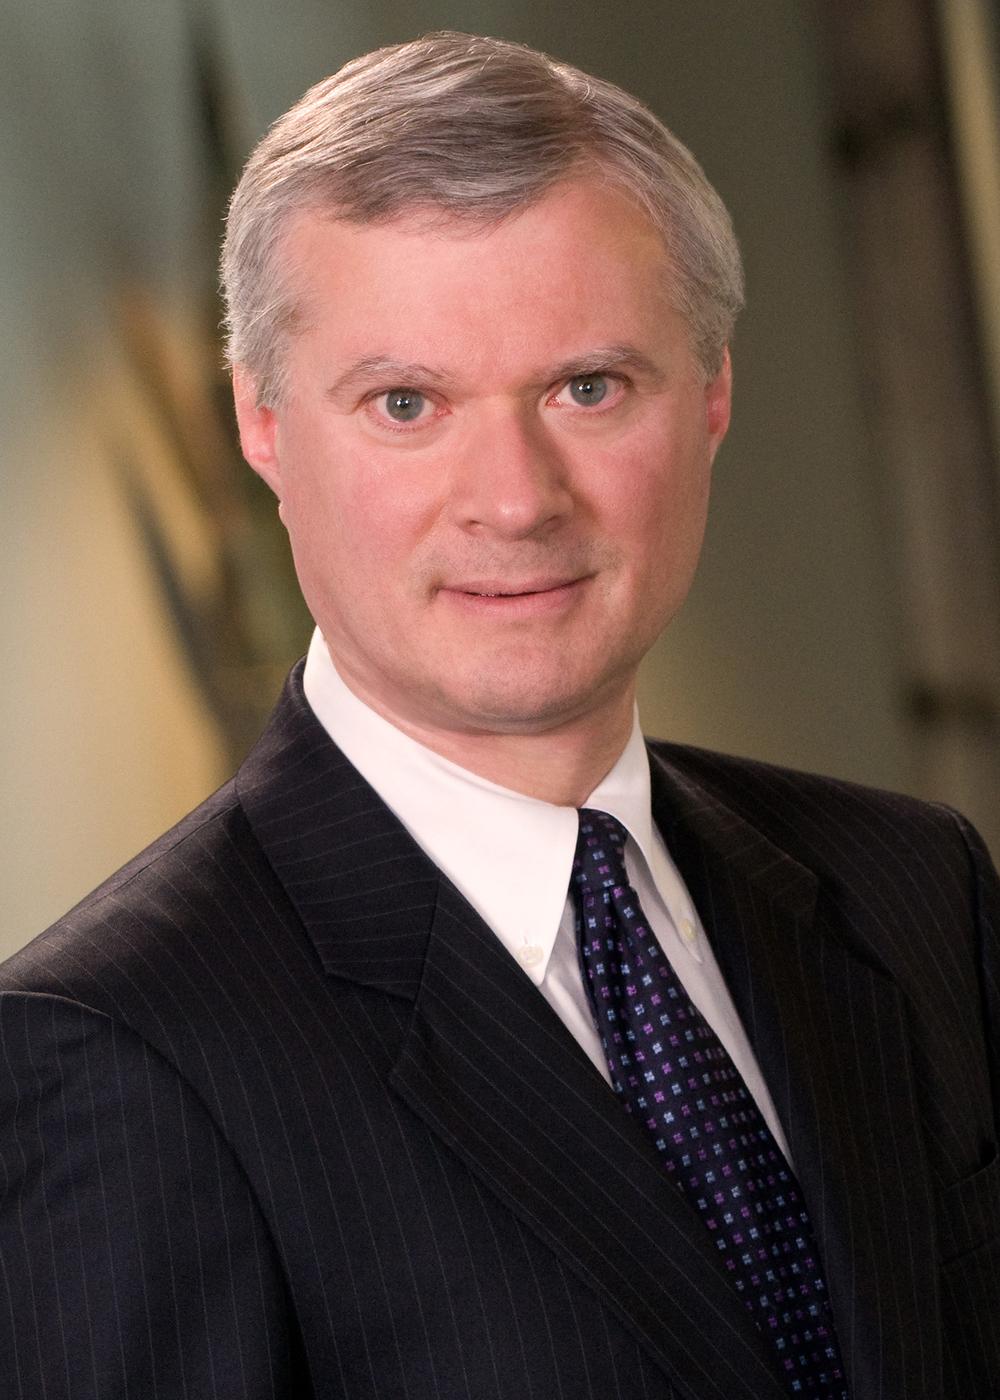 Lino S. Lipinsky de Orlov Partner Dentons US LLP Linkedin